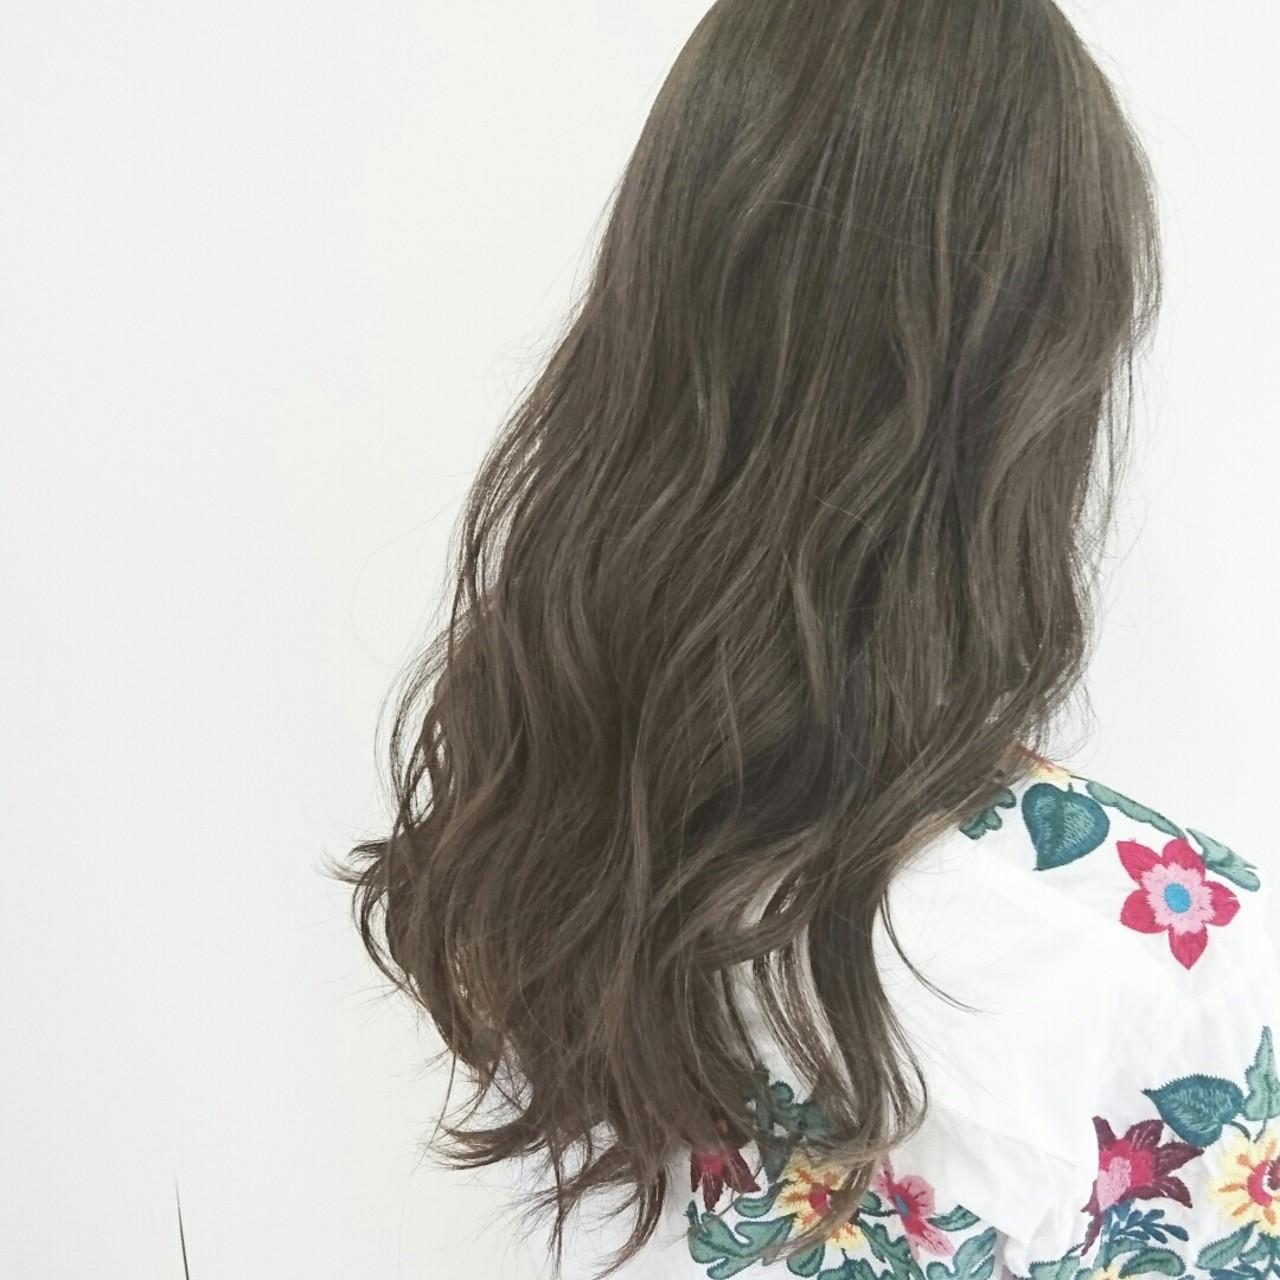 アッシュグレージュ 大人かわいい ロング ナチュラル ヘアスタイルや髪型の写真・画像